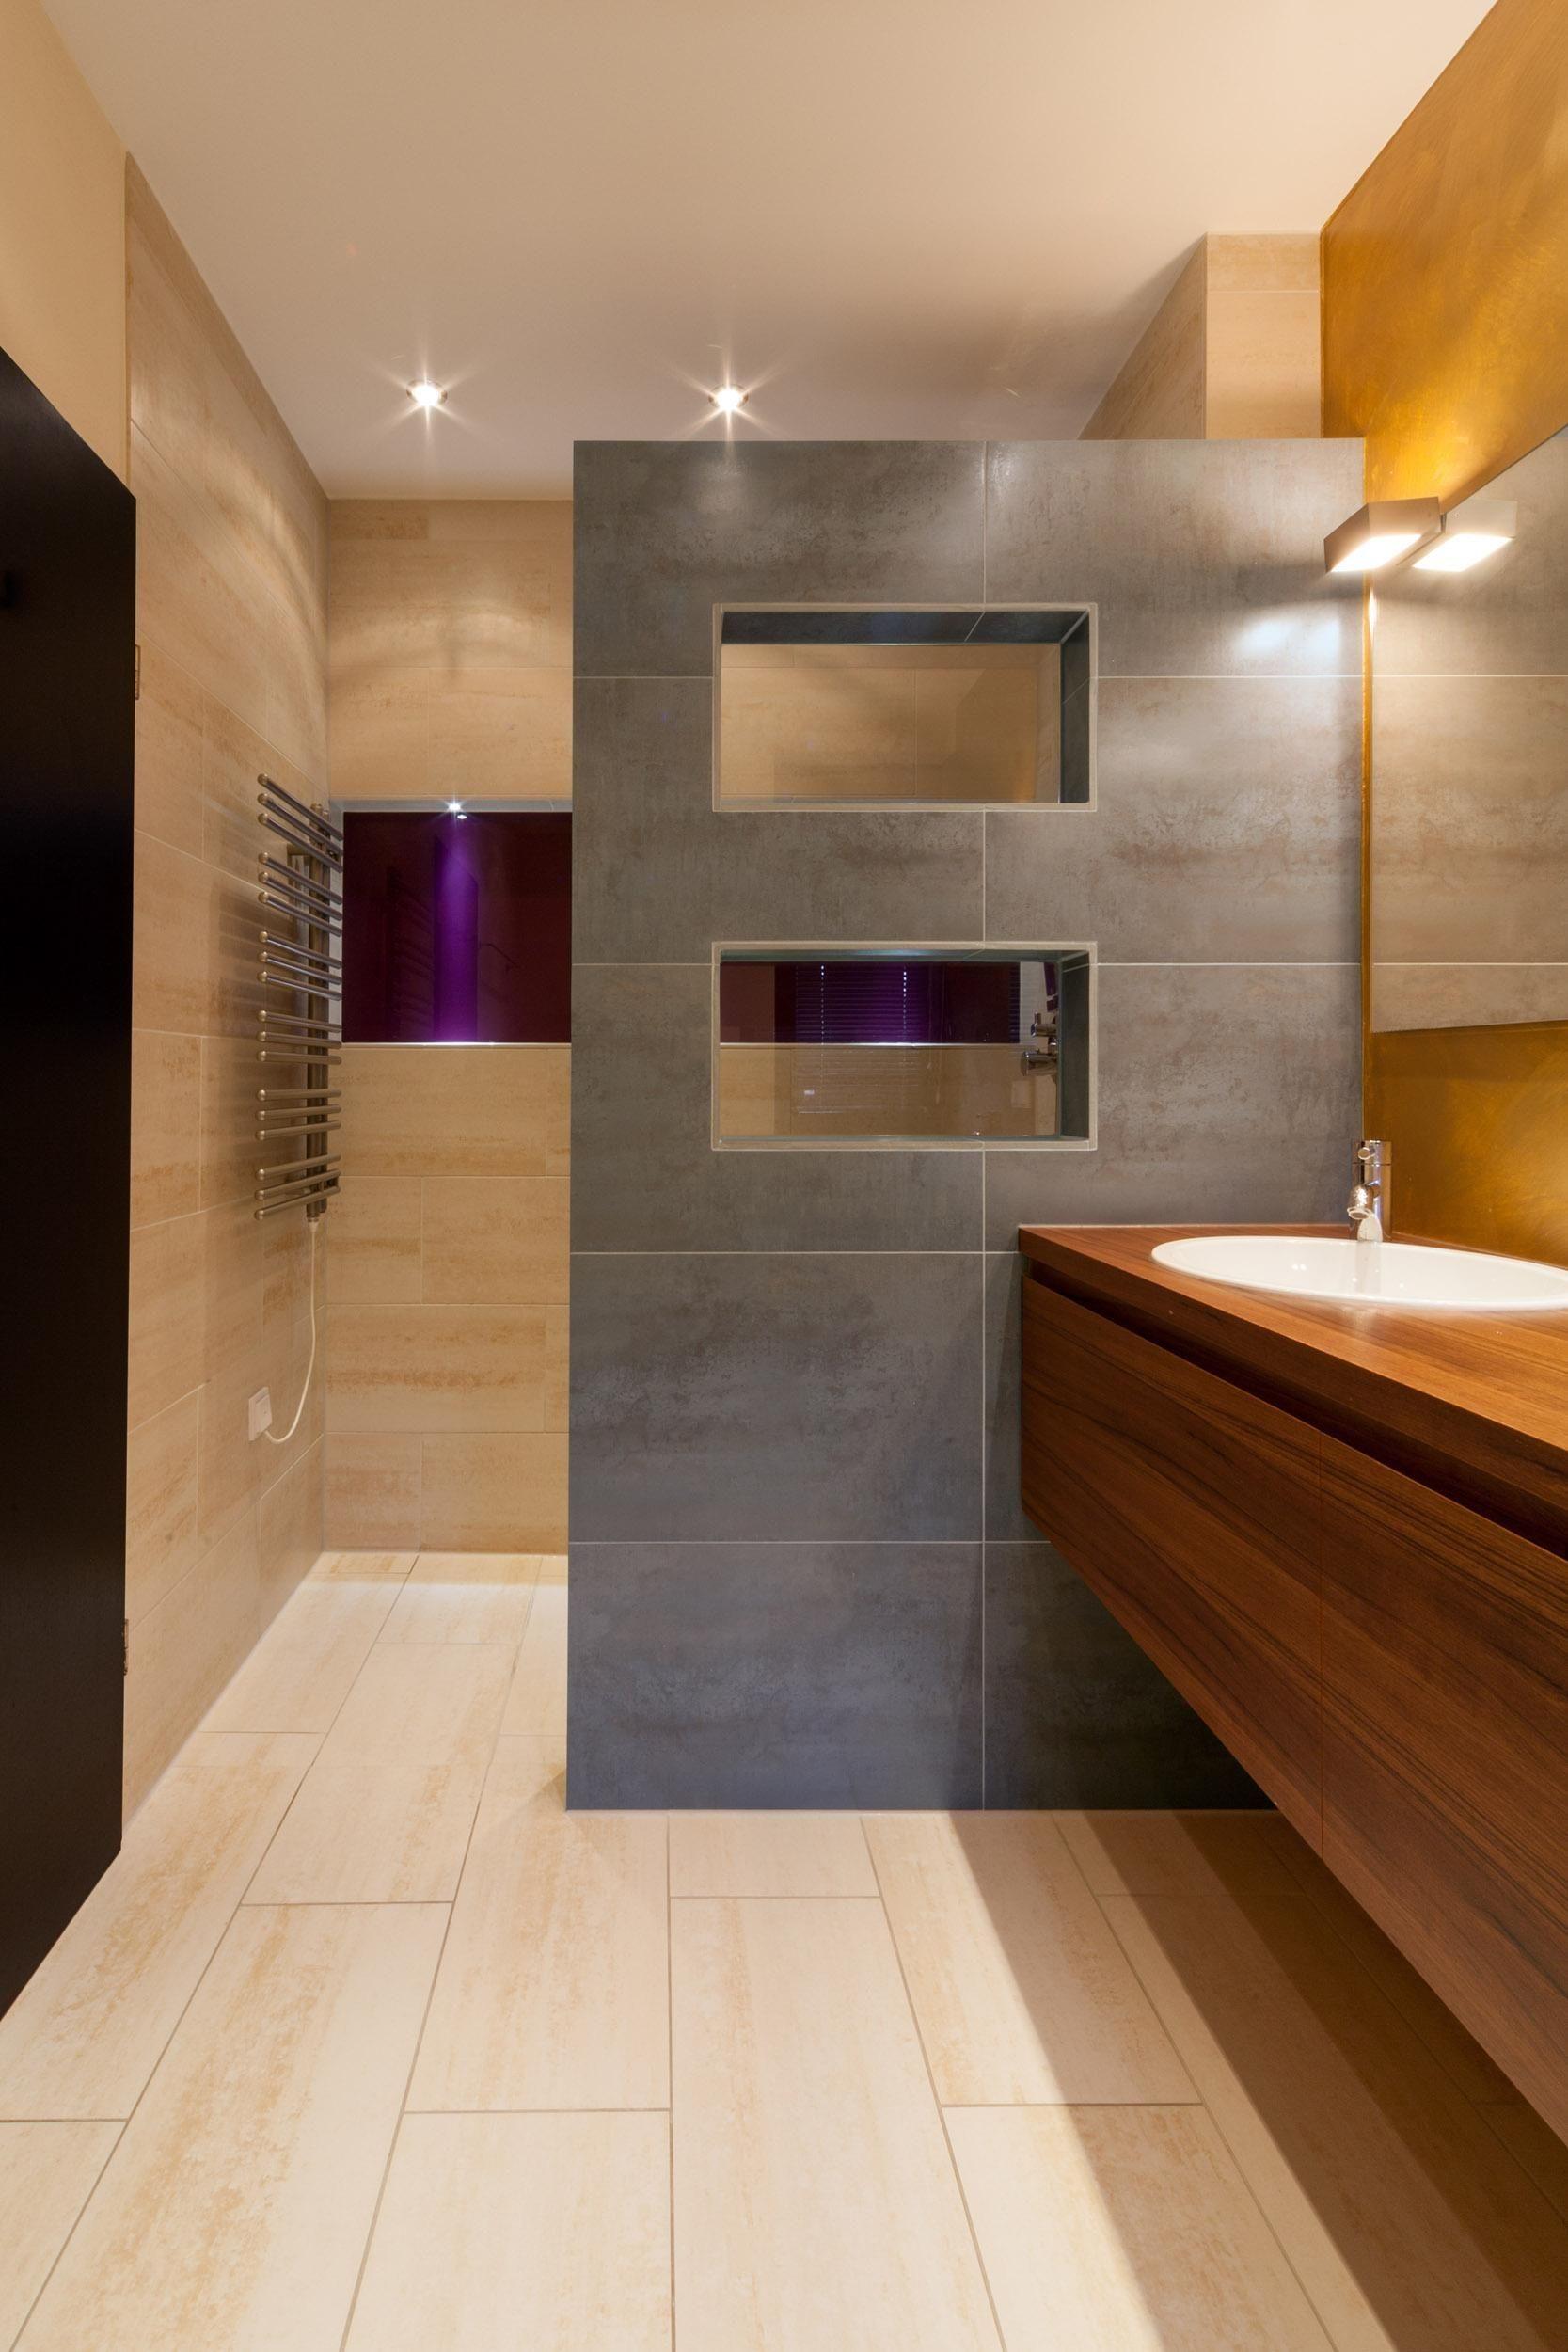 -Anzeige- #bestebadstudios #badezimmer #bad #dusche ...